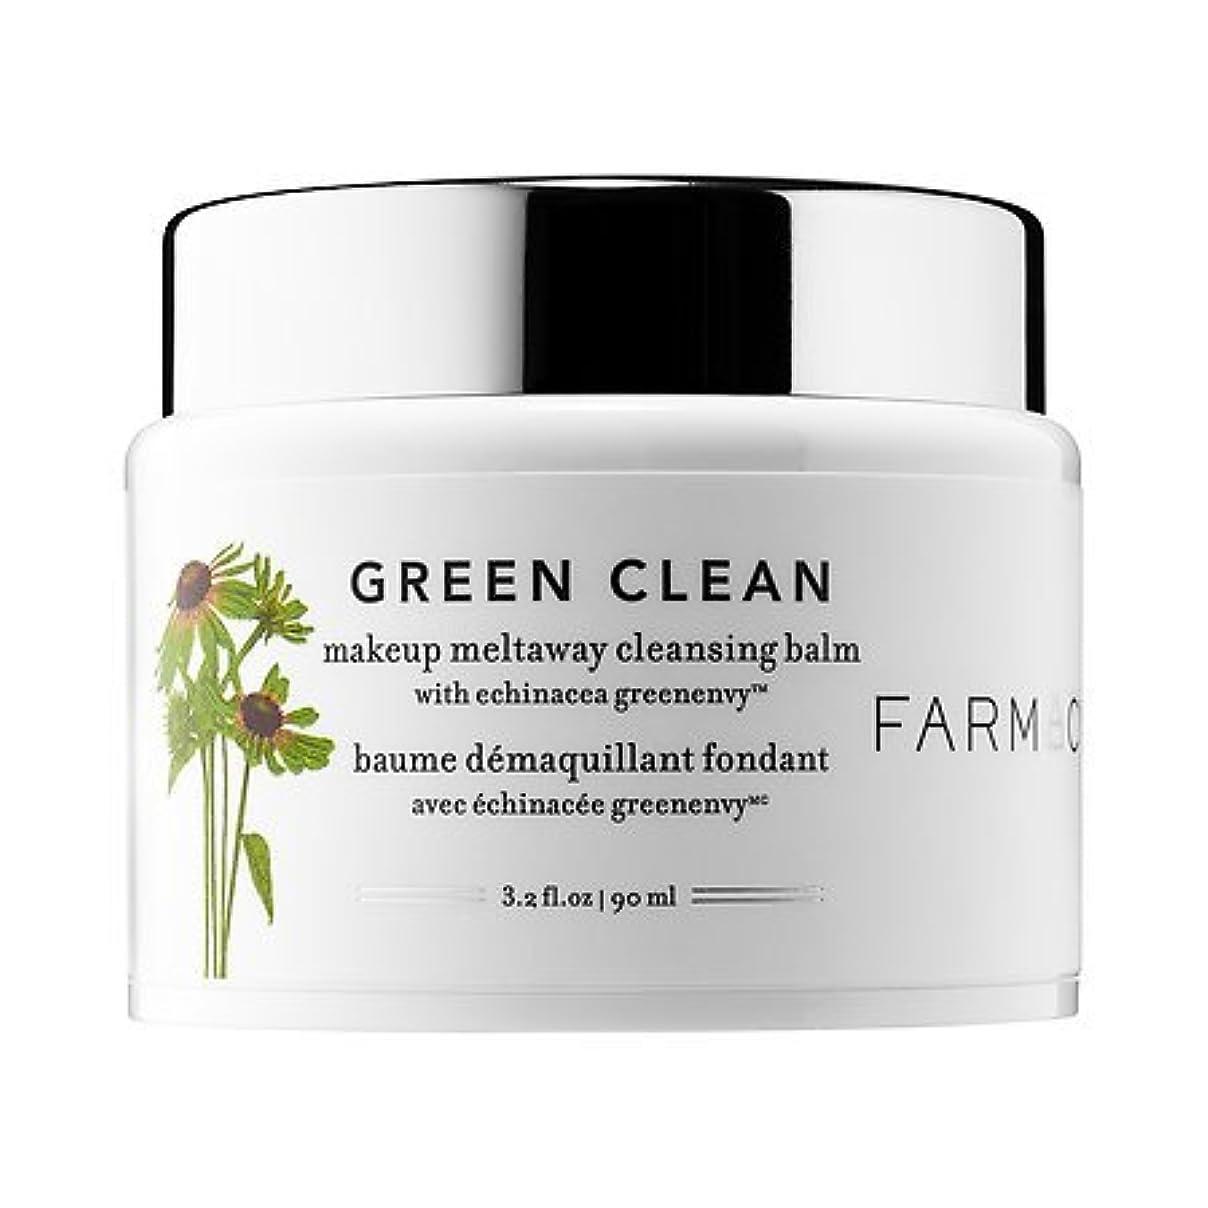 開いたお父さん農学ファーマシー Farmacy クレンジングバーム (90ml) グリーンクリーン クレンジング